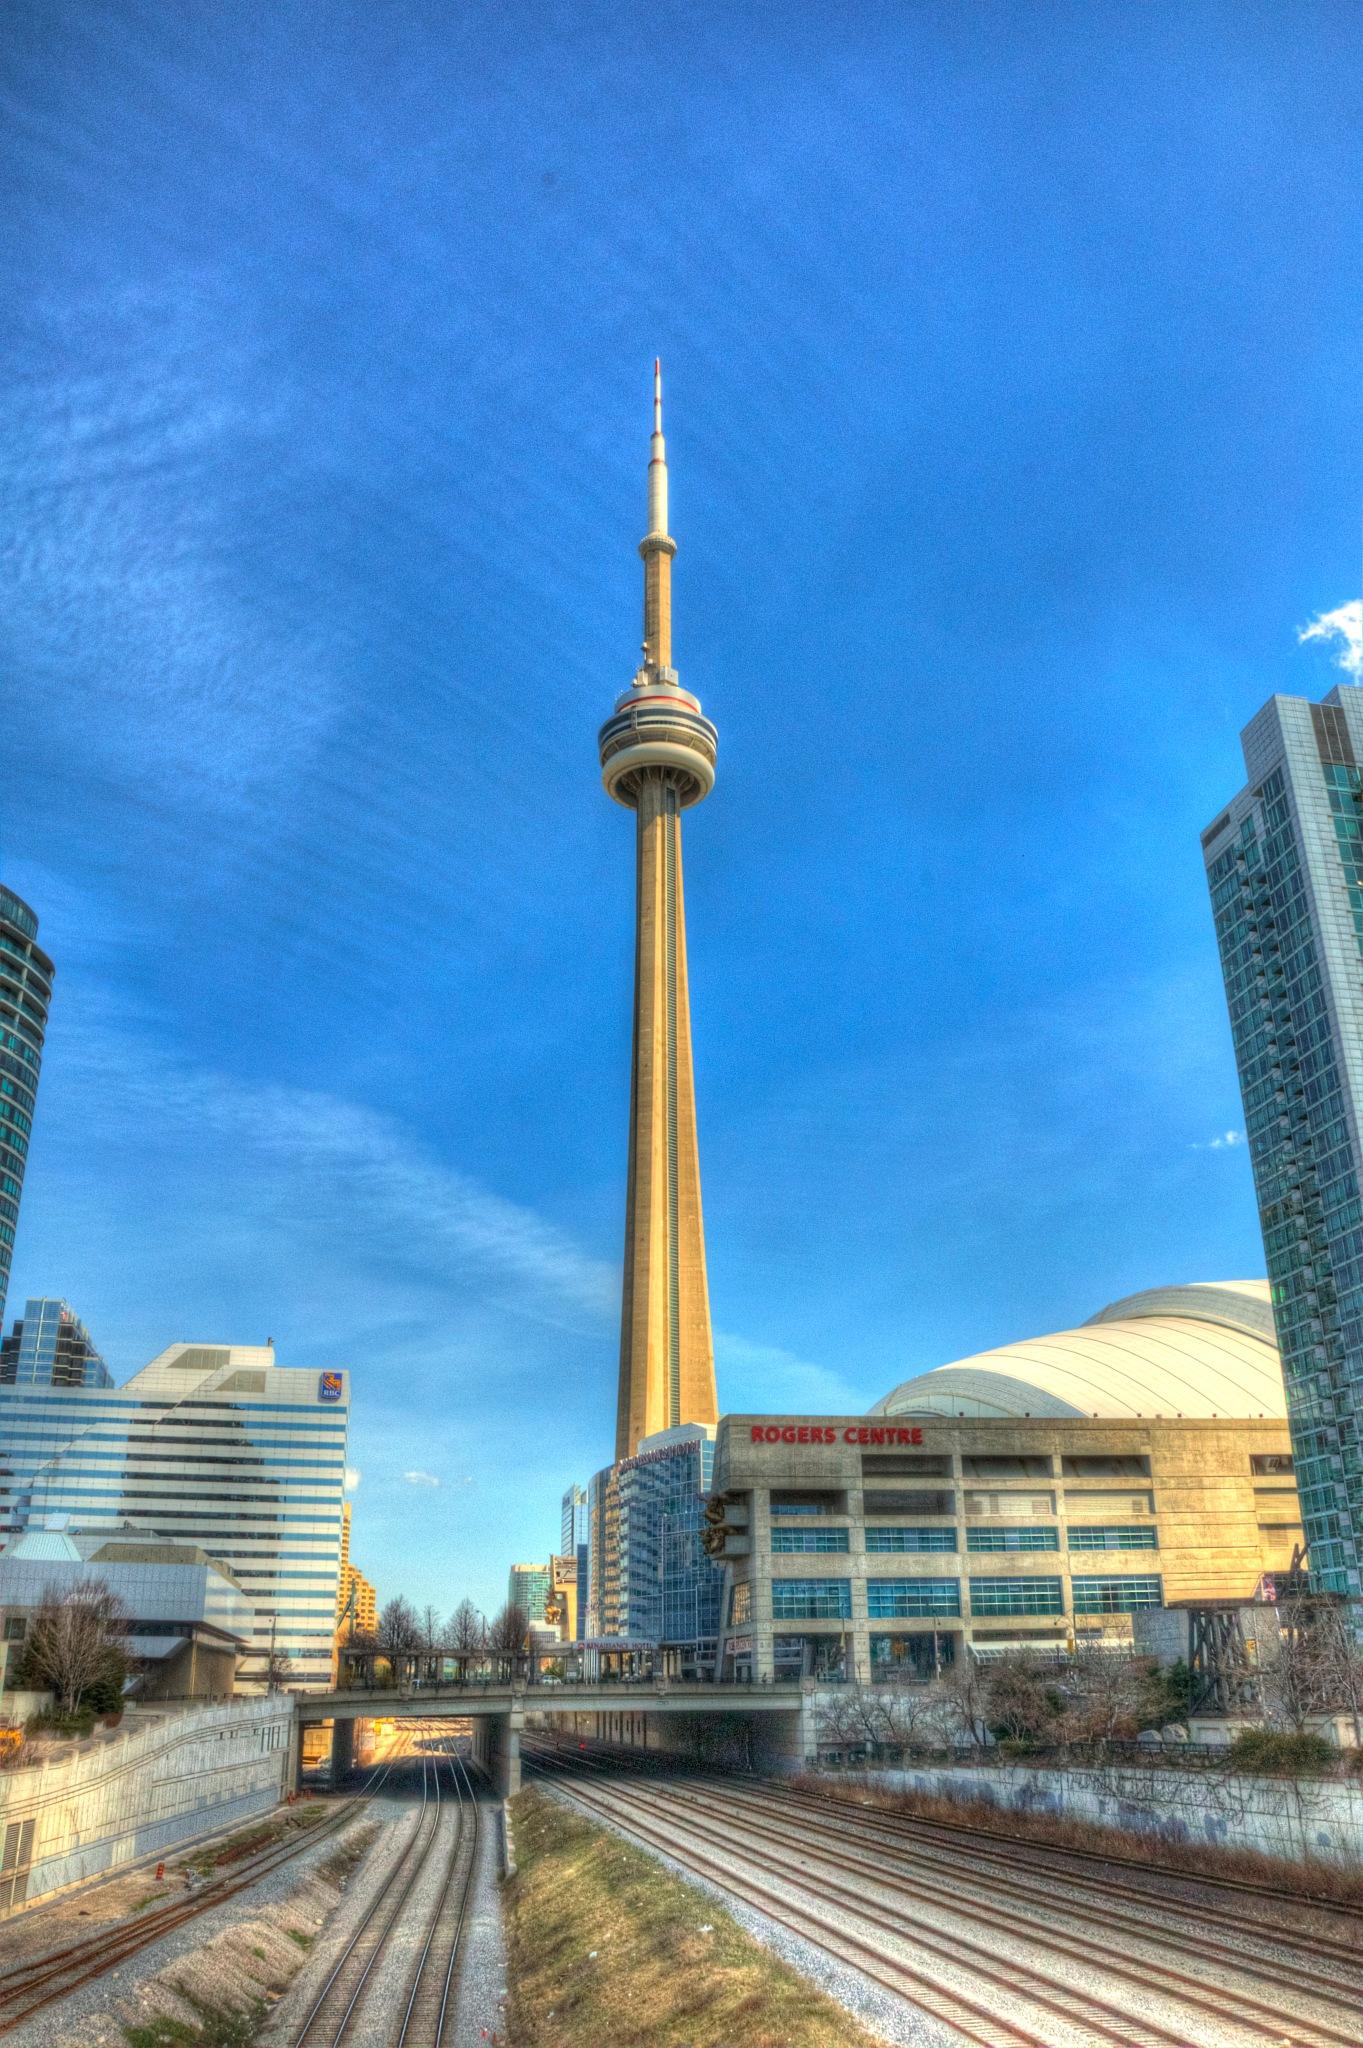 CN Tower by Paul Deveau